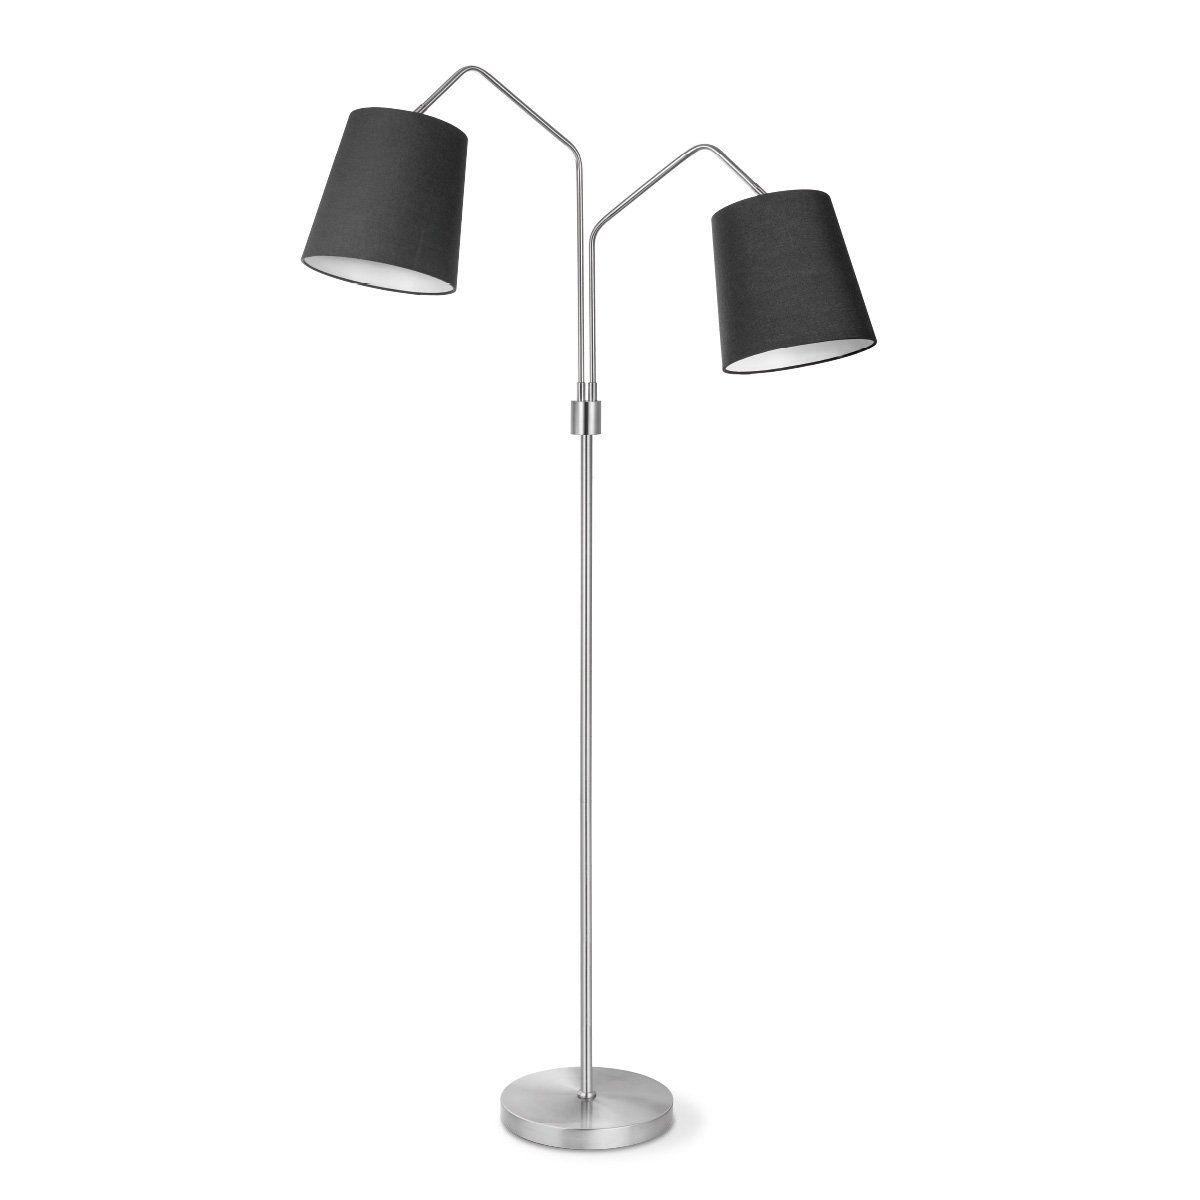 Home sweet home vloerlamp Flint 2 lichts - zwart - mat staal